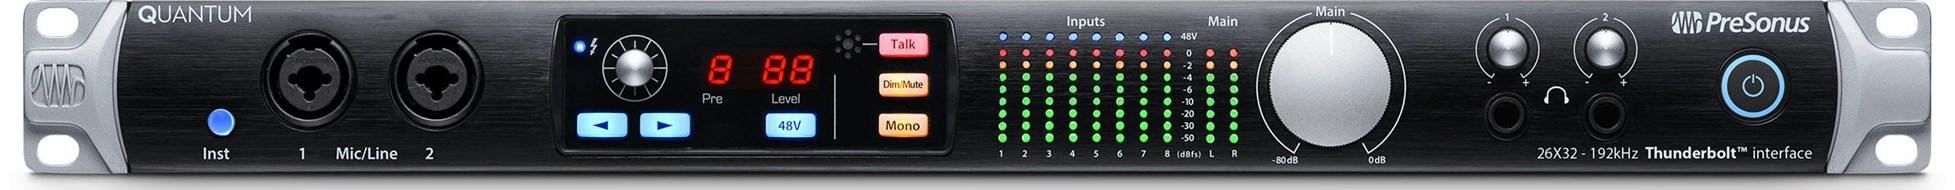 Presonus Quantum Thunderbolt Audio Interface